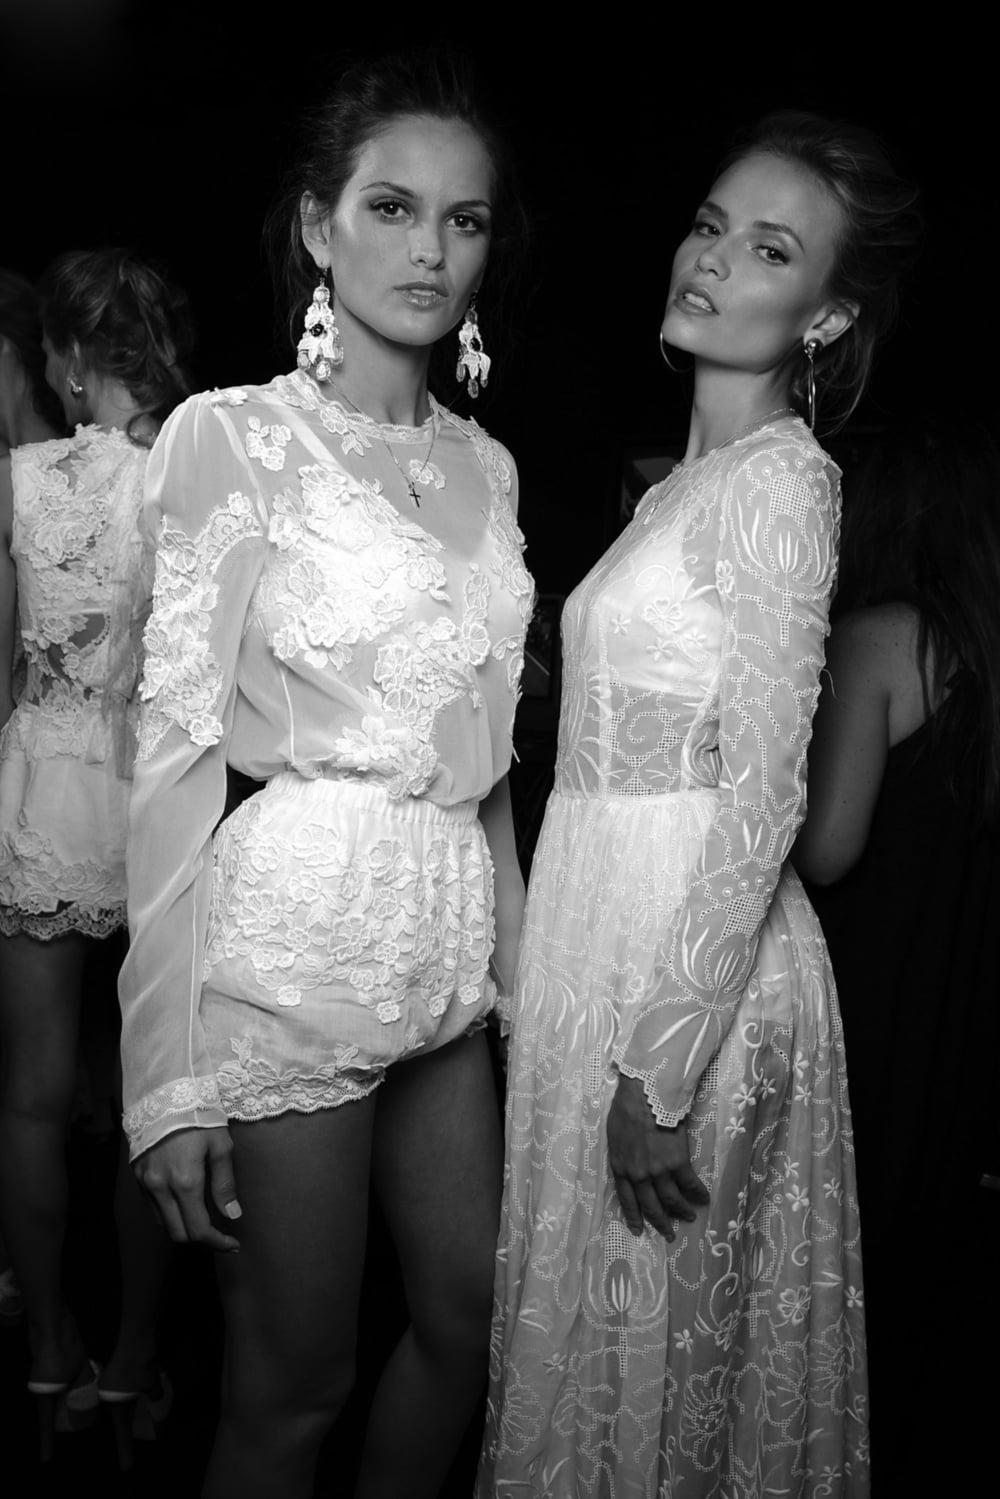 moda-milano: Backstage at Dolce & Gabbana 2011